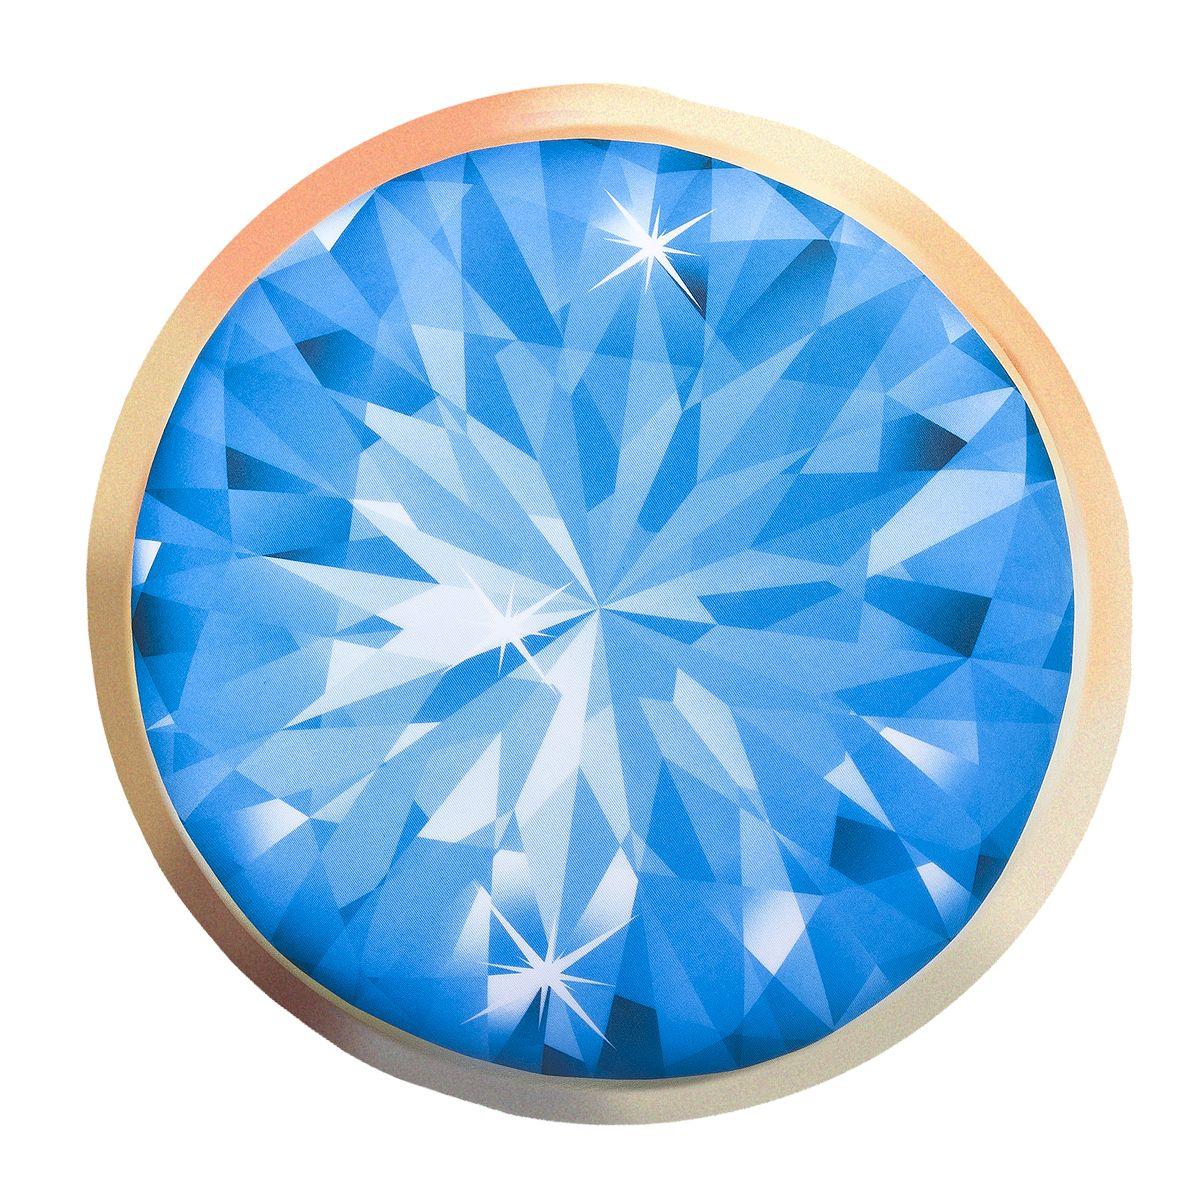 Подушка-антистресс Home Queen Диамант, круглая, цвет: голубой, 30 х 30 см66622Круглая подушка-антистресс Home Queen Диамант - это не только лучший способ снять напряжение, но и оригинальный аксессуар для интерьера. Изделие пластичное и приятное на ощупь. Чехол из трикотажной ткани (15% полиуретан, 85% нейлон) оформлен ярким изображением алмаза. Внутри - антистрессовый полистироловый наполнитель. Подушка-антистресс - идеальный рецепт хорошего настроения и здорового сна! Она подарит тактильную радость и станет аккумулятором хорошего настроения.